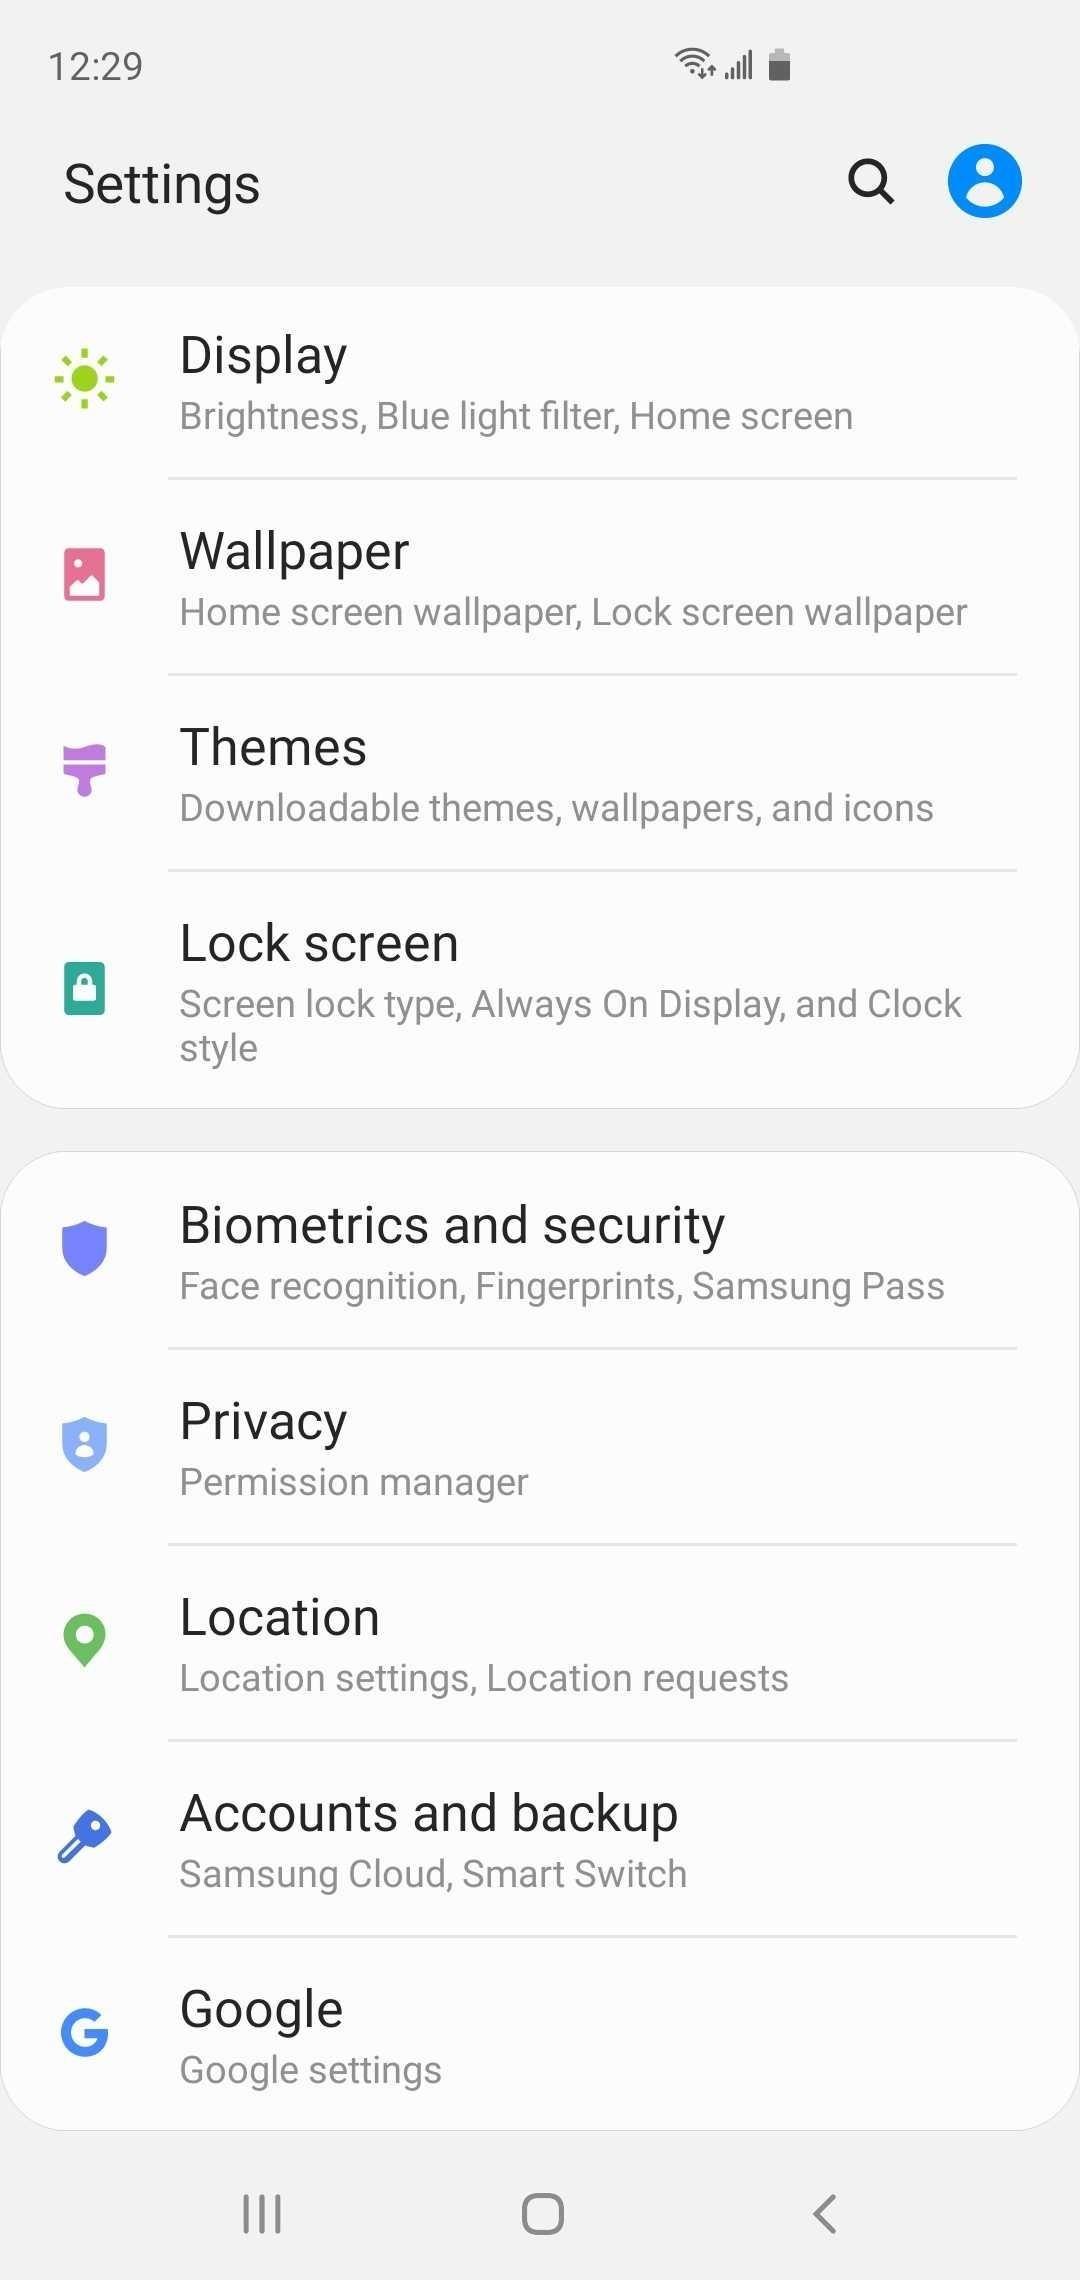 رابط کاربری One UI 2 سامسونگ: معرفی آن به همراه ویژگیهایش